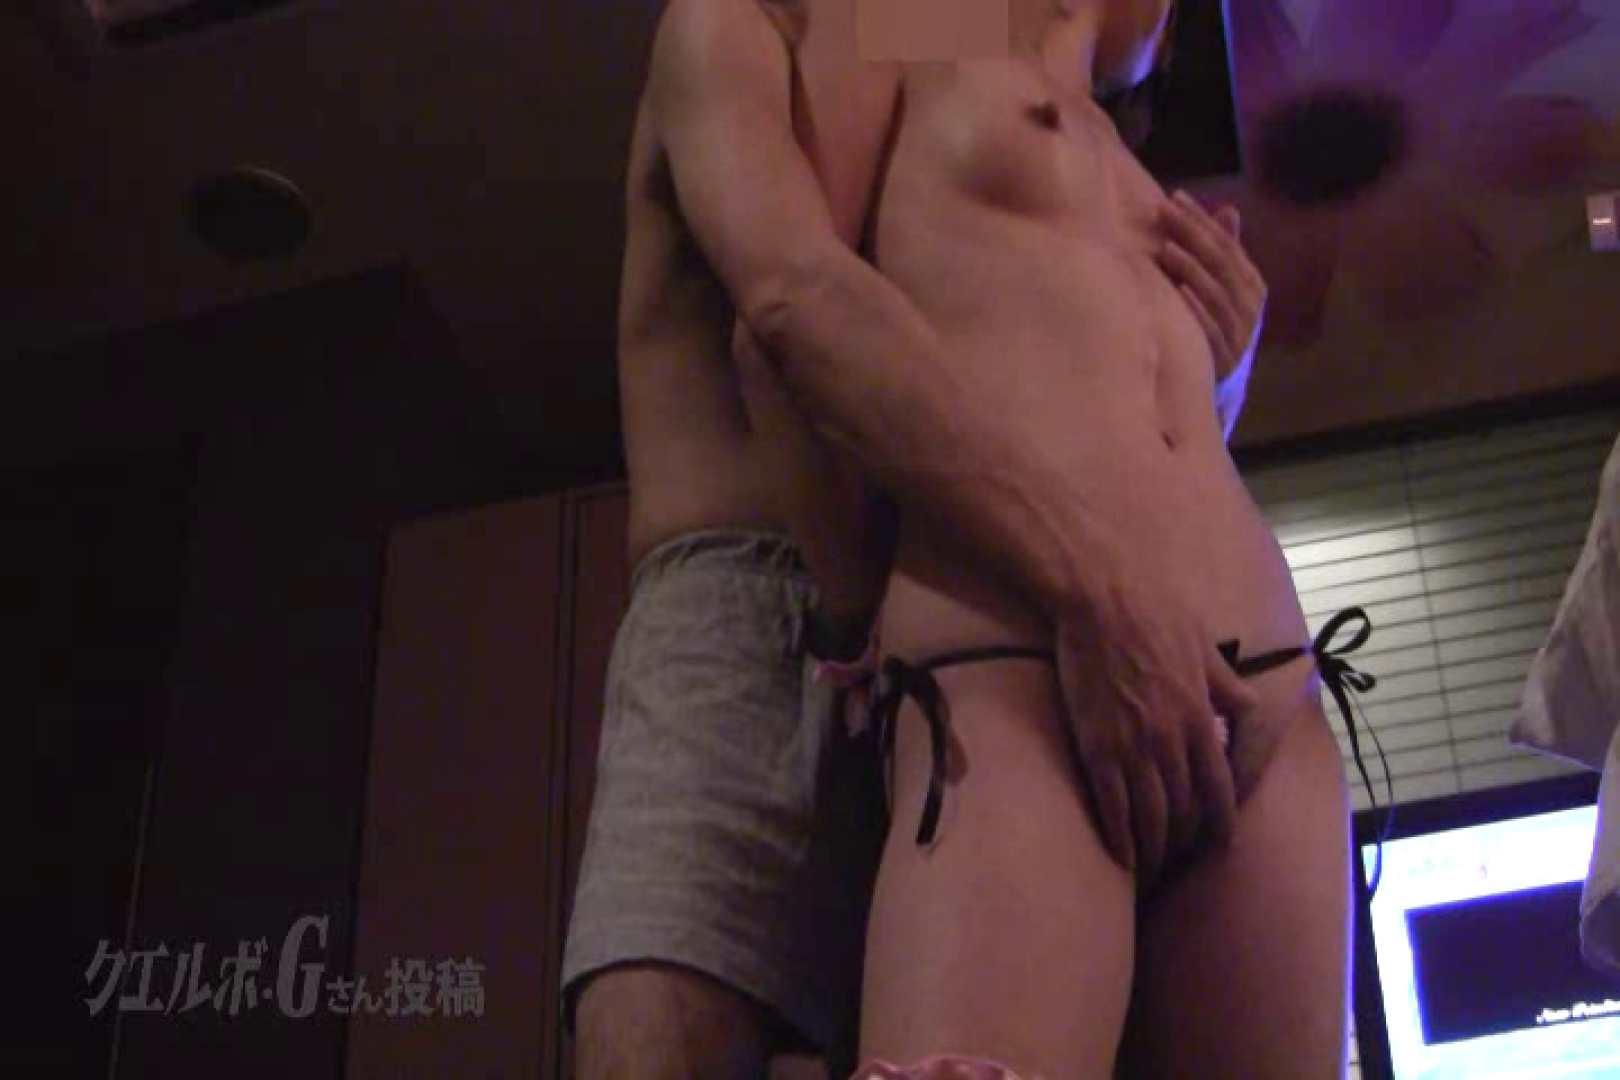 クエルボ・Gさん投稿 30歳人妻さんとの×××vol.3 ローター オマンコ動画キャプチャ 110連発 70